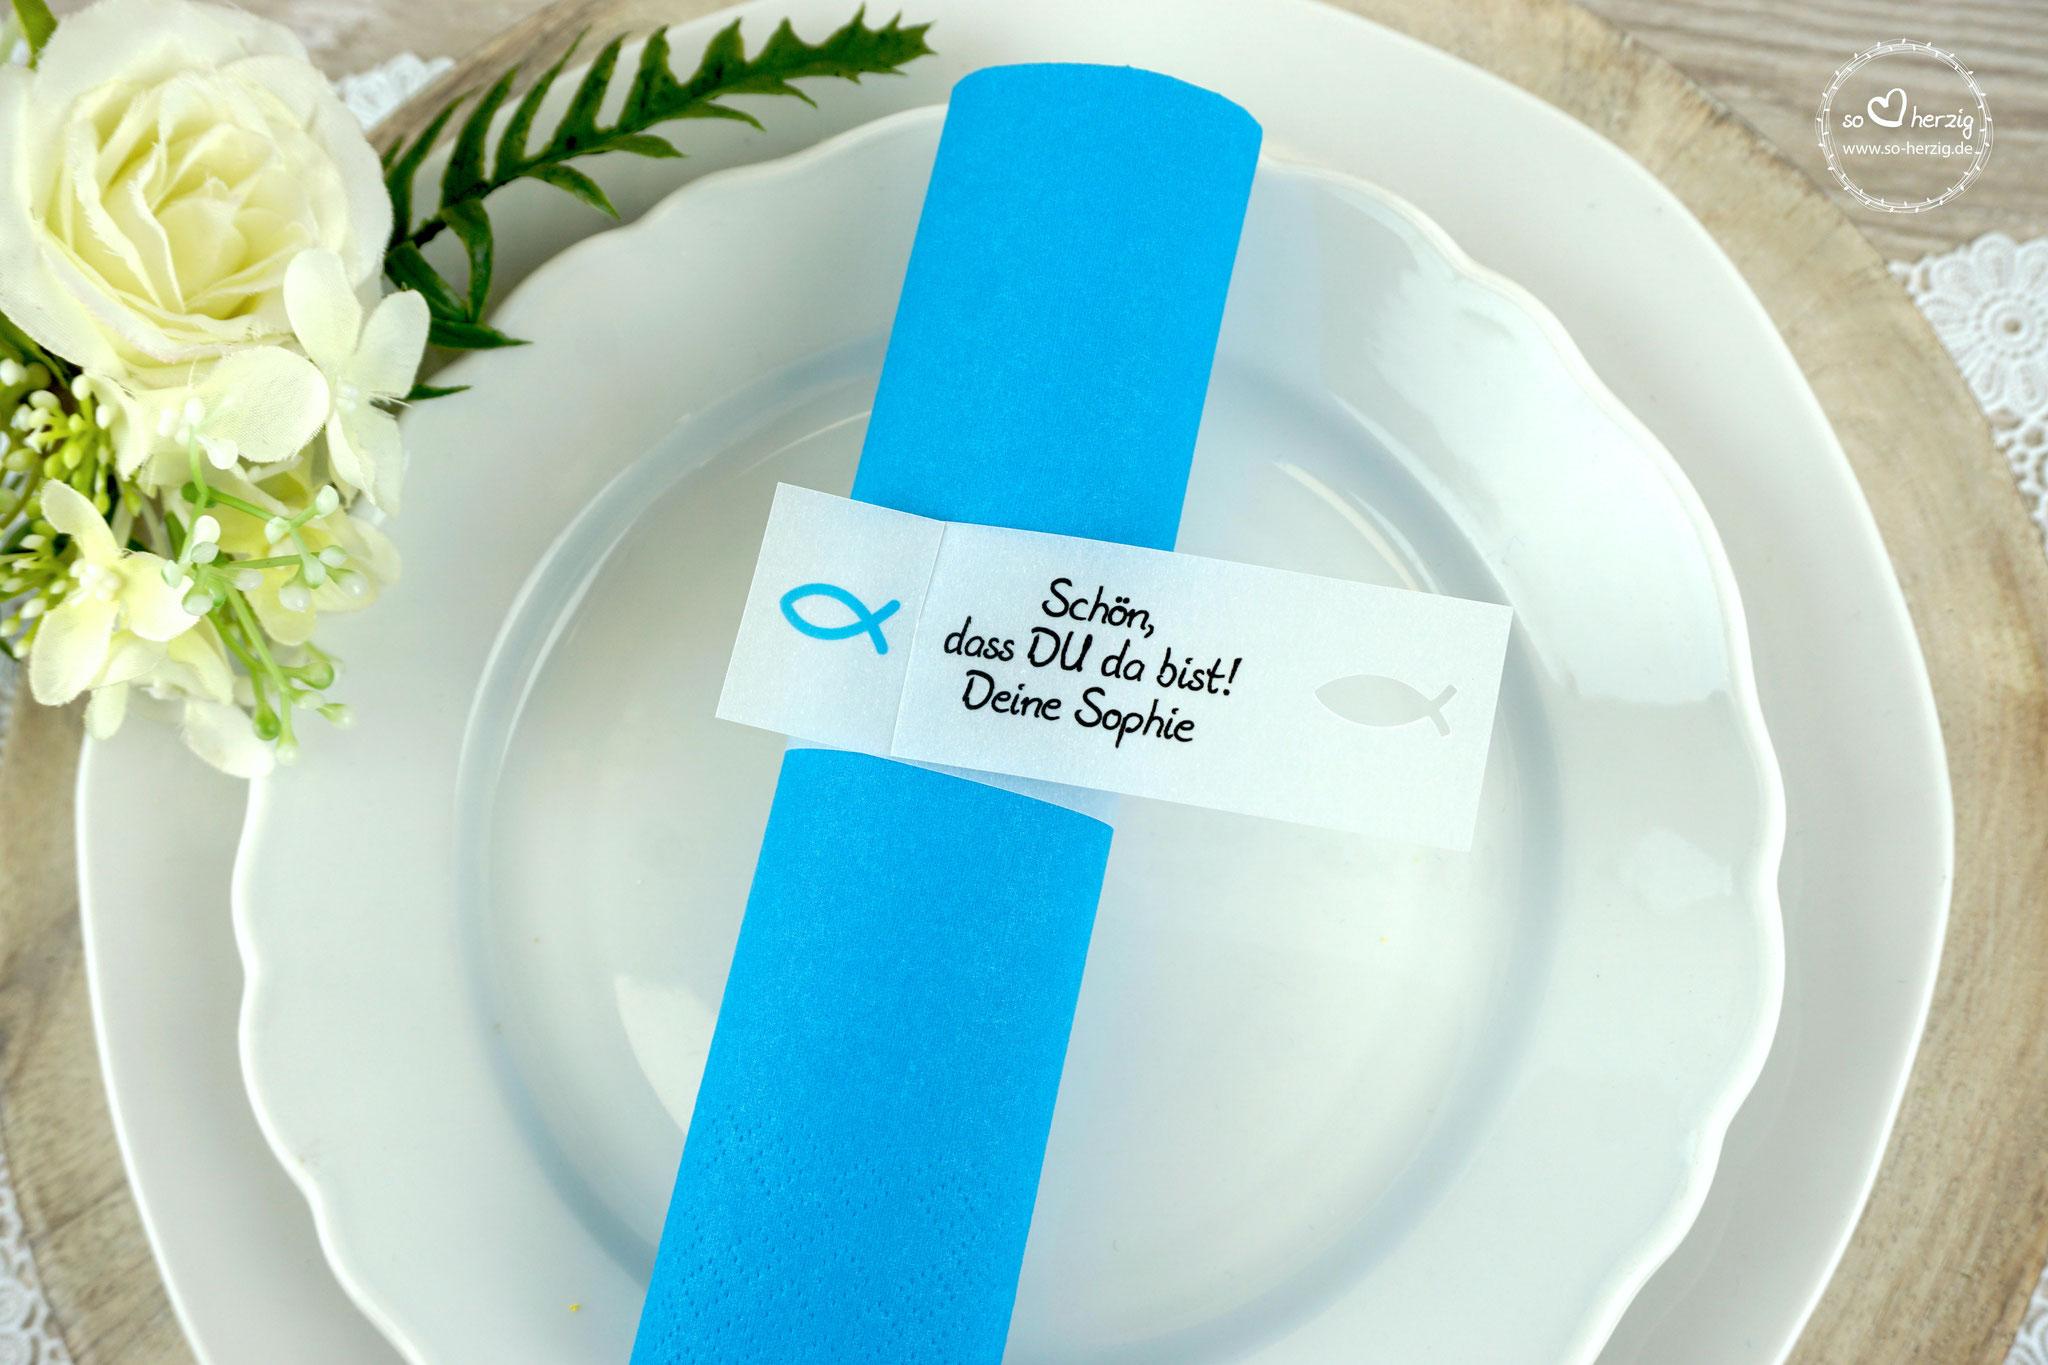 Serviettenring Design Fisch Silhouette, Farbe Aqua, Randabschluss Fisch